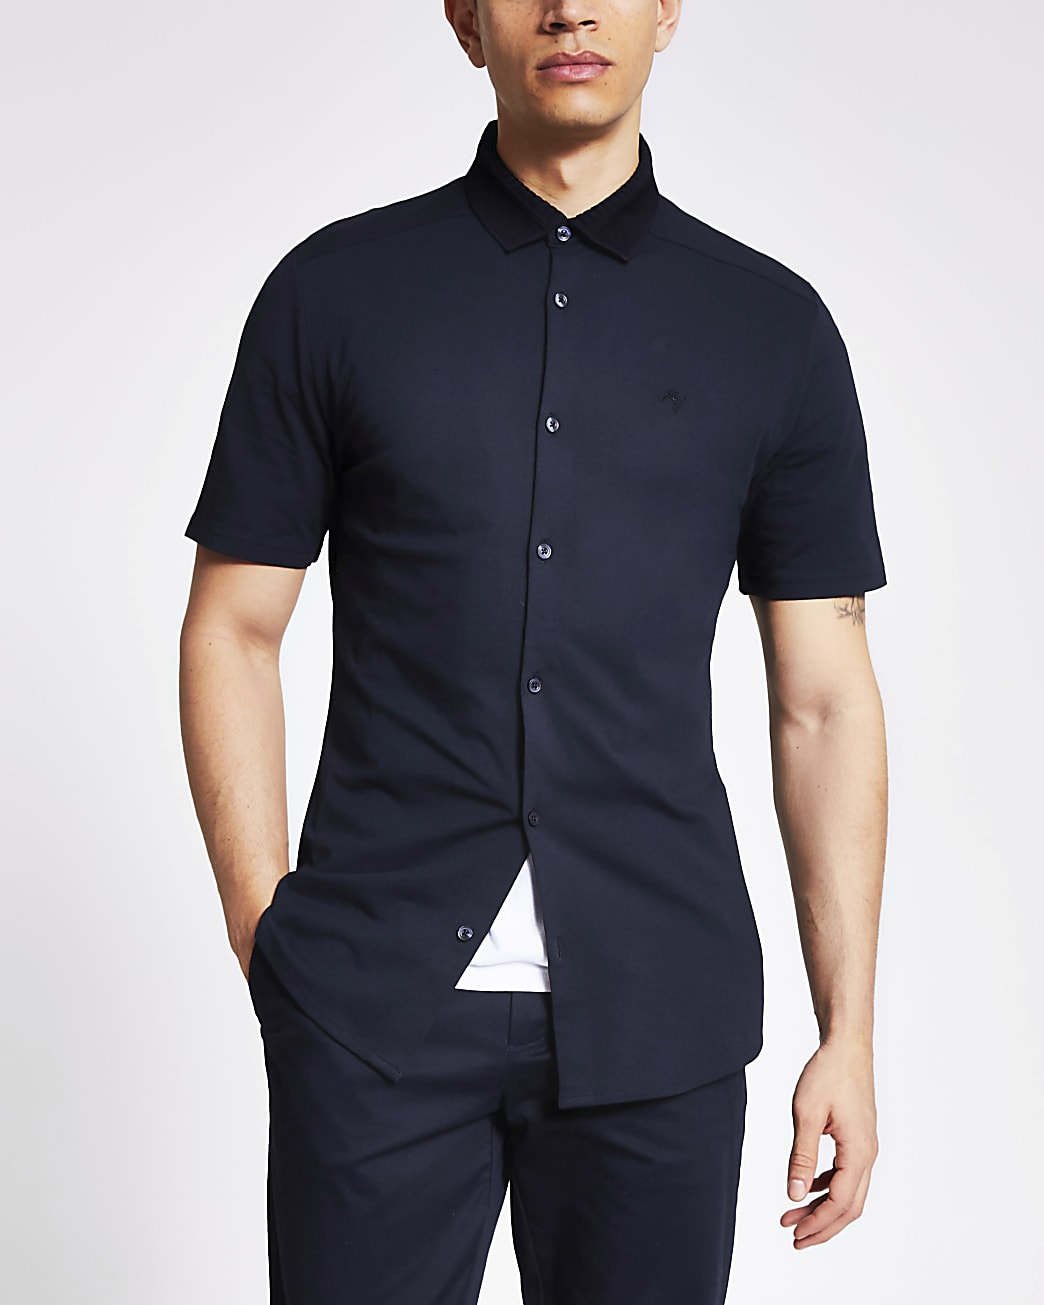 Maison Riviera navy short sleeve polo shirt